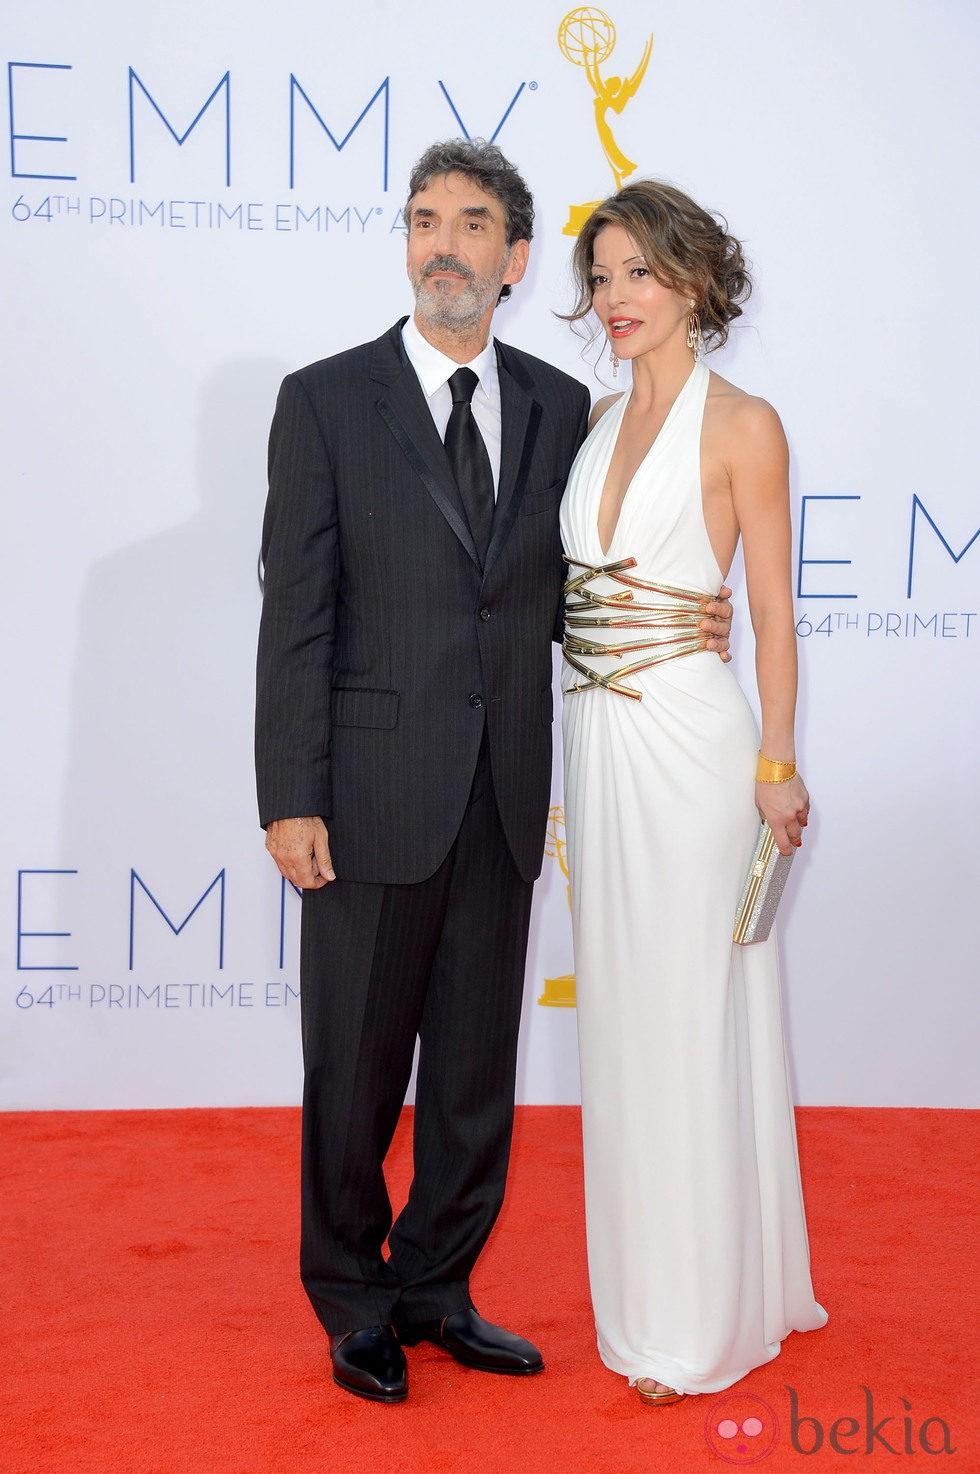 Chuck Lorre en los Premios Emmy 2012